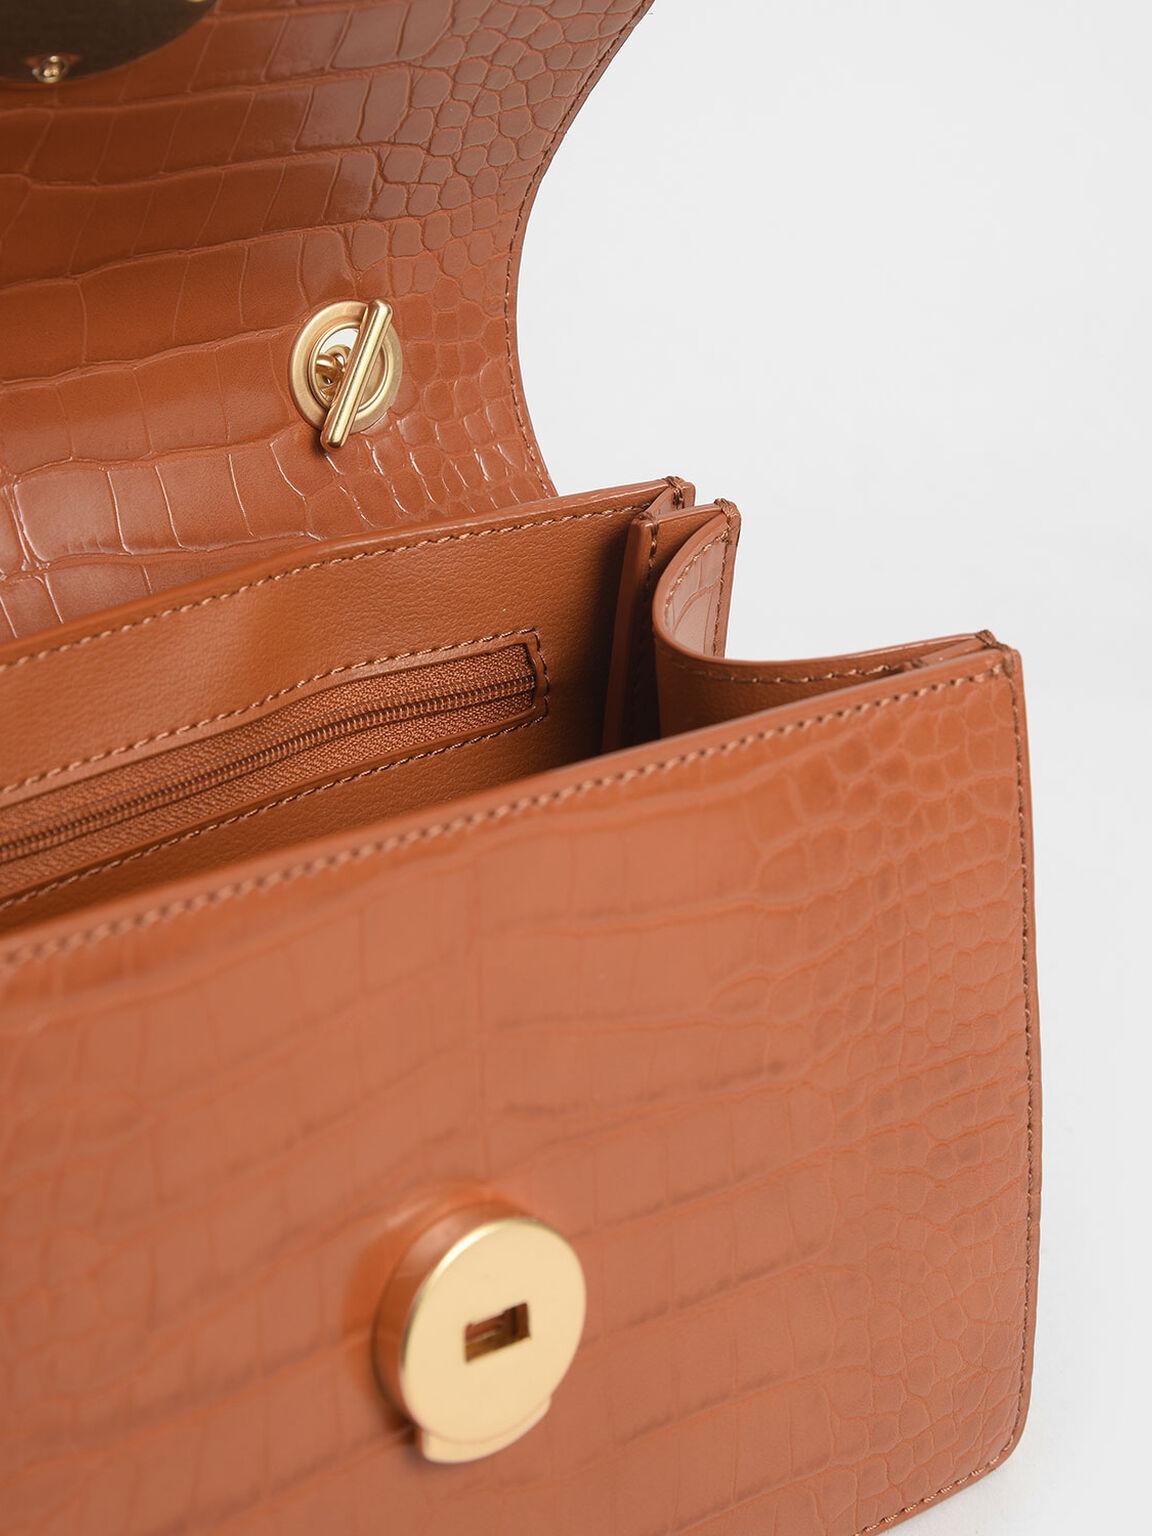 Croc-Effect Chain Link Crossbody Bag, Cognac, hi-res